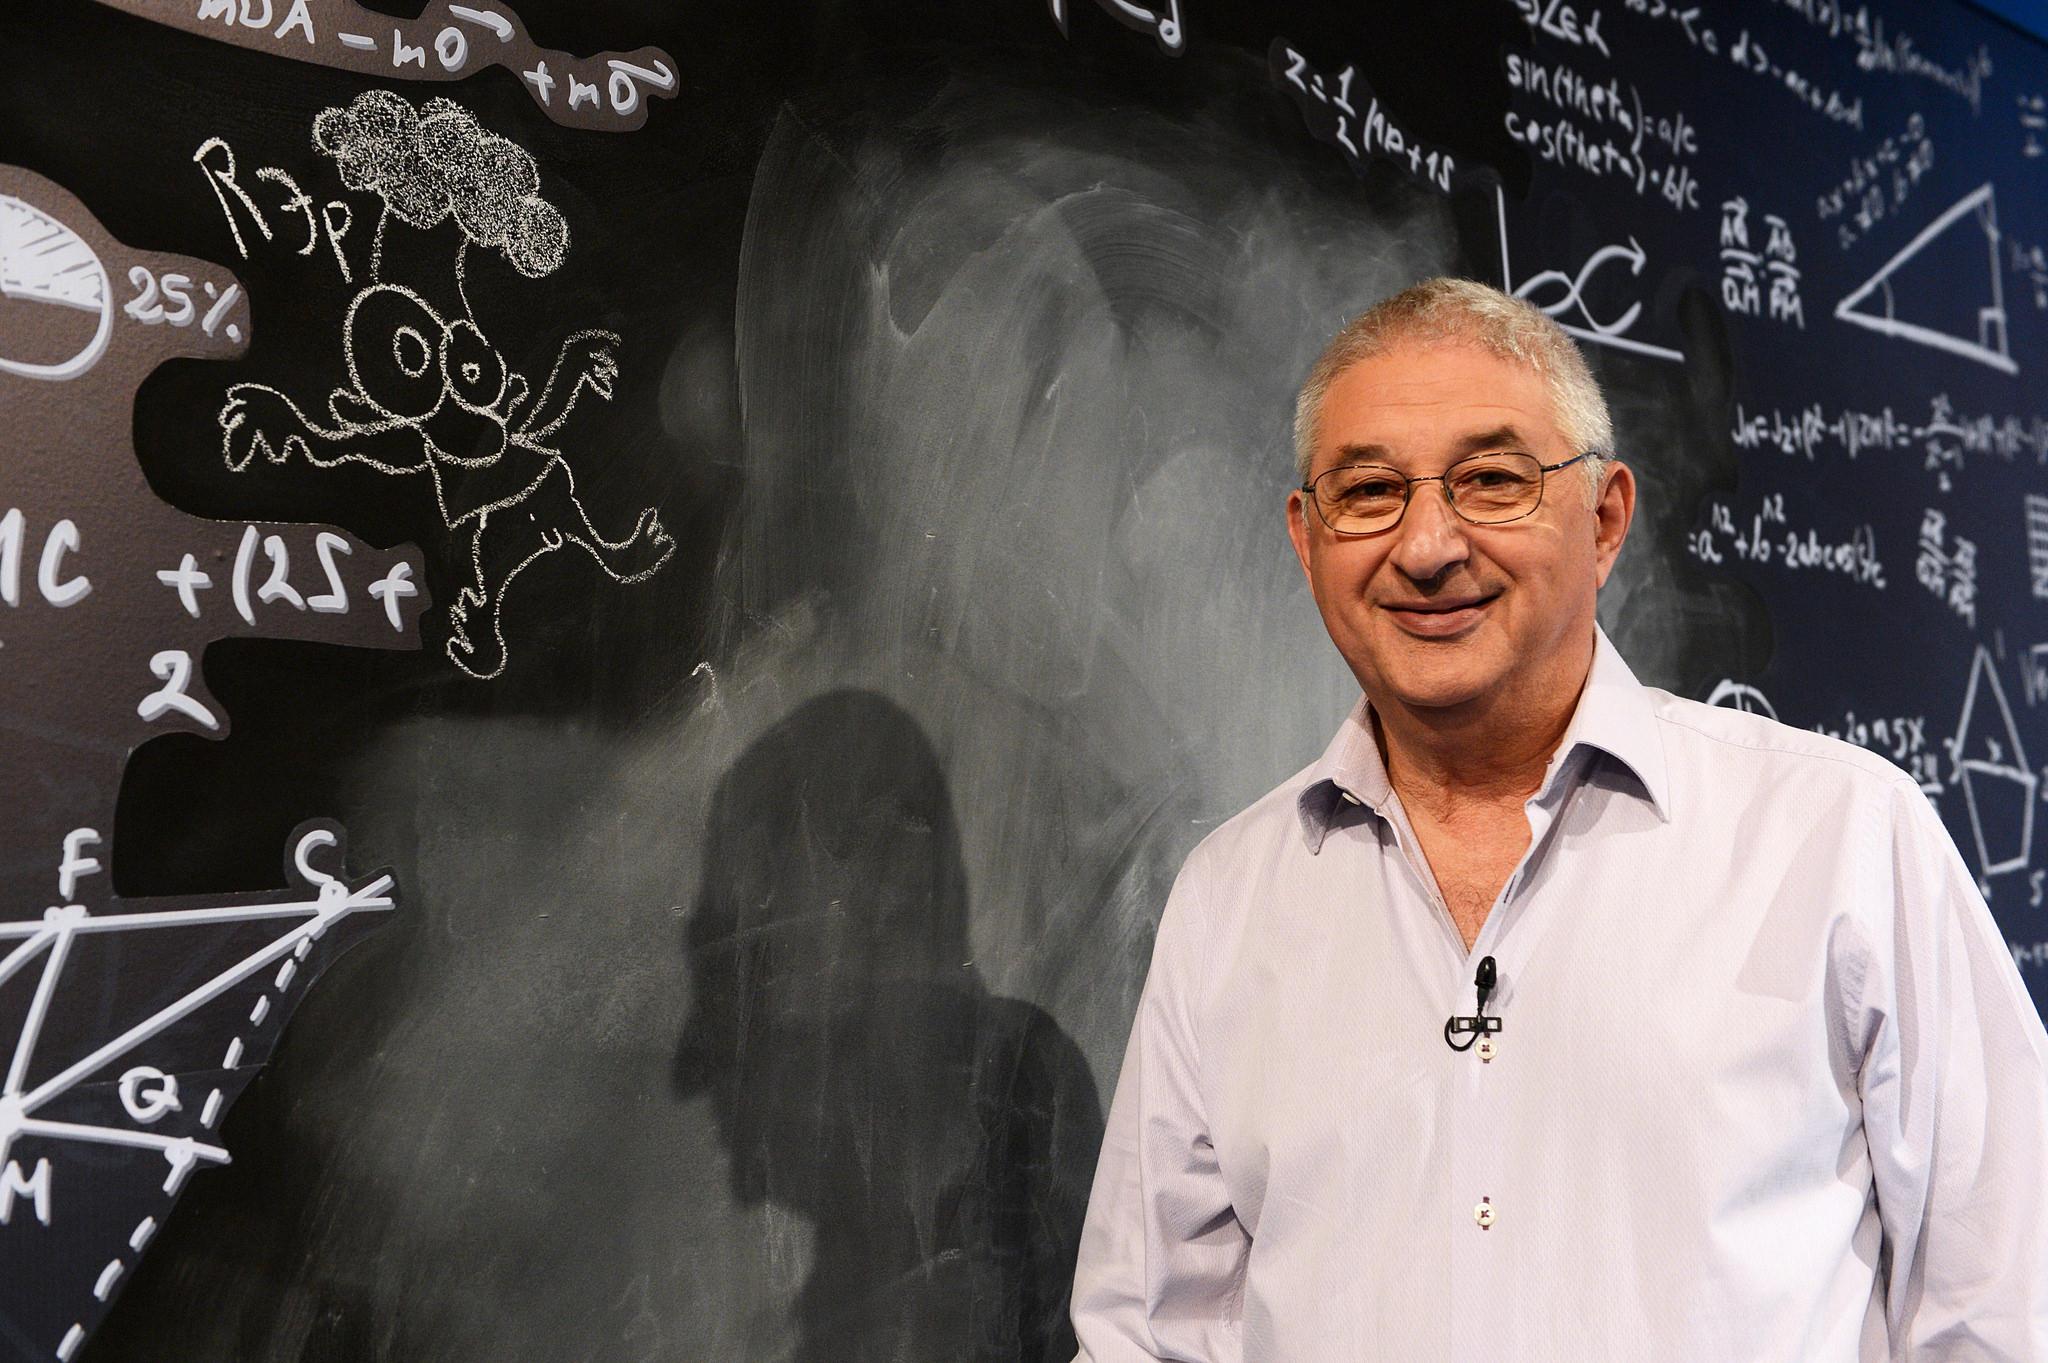 El problema de las salidas por número de DNI: Adrián Paenza tuvo que explicar si el 0 es par o no   Nexofin